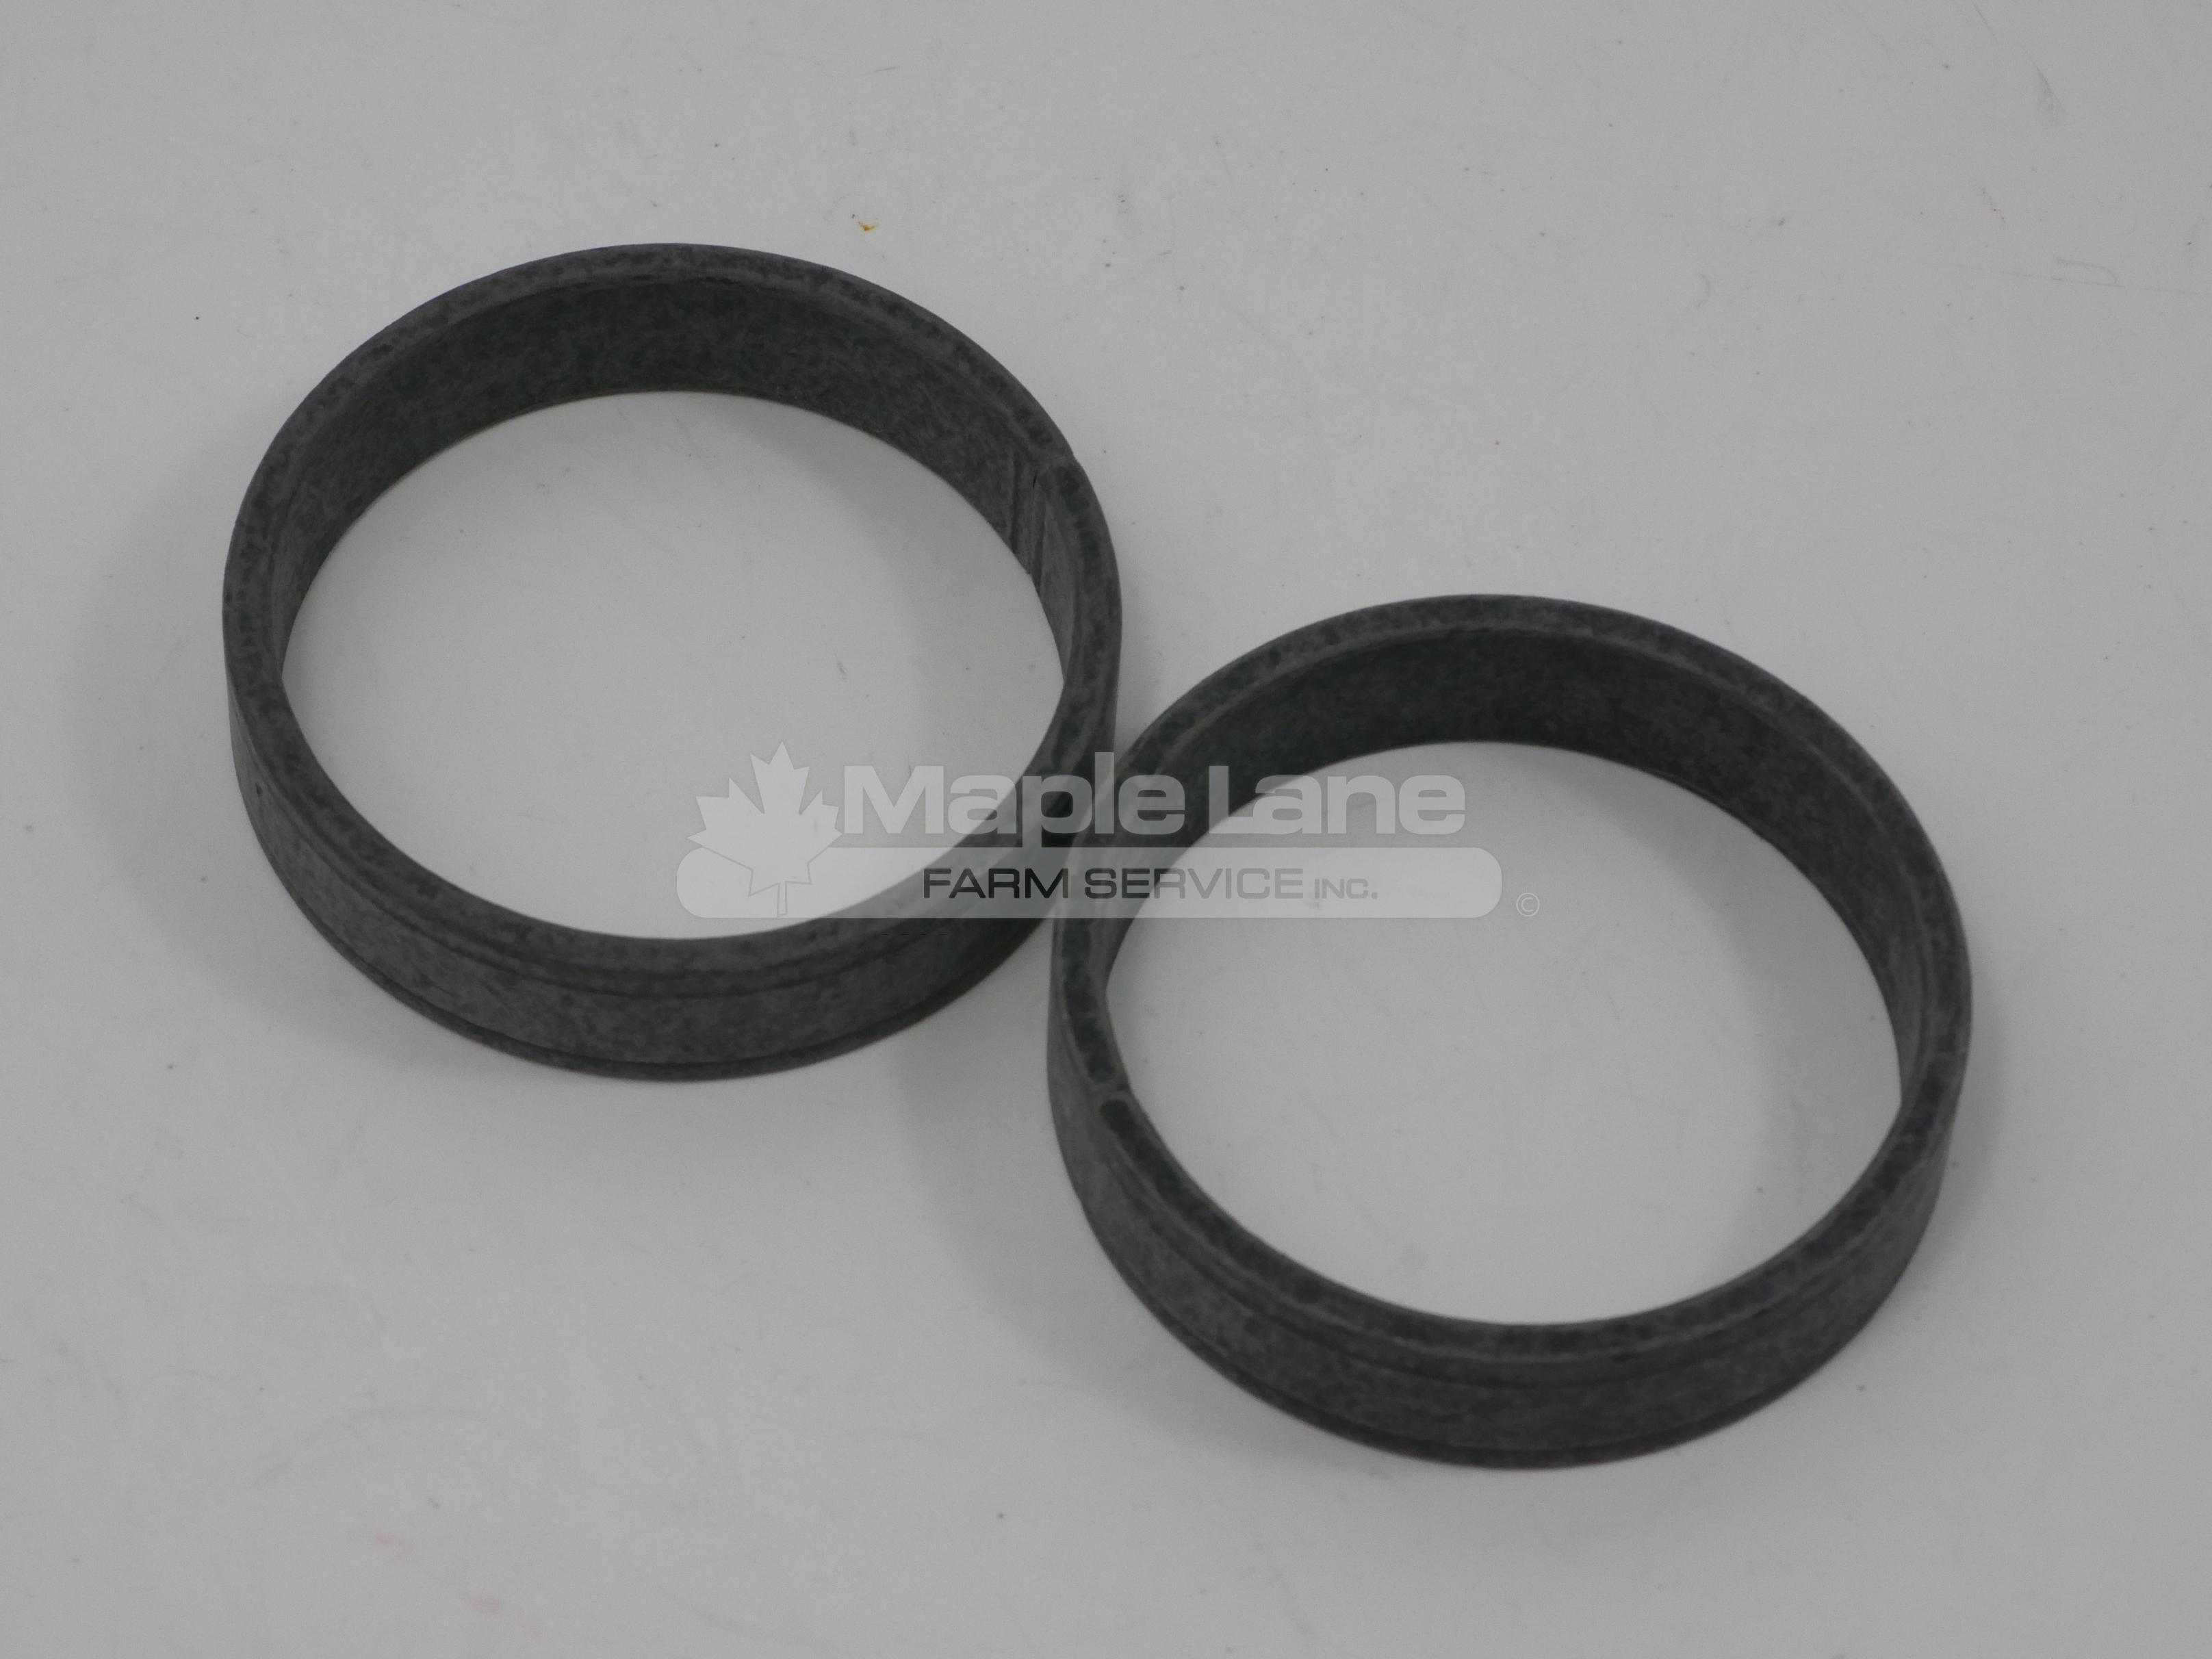 JR17217 Wear Ring